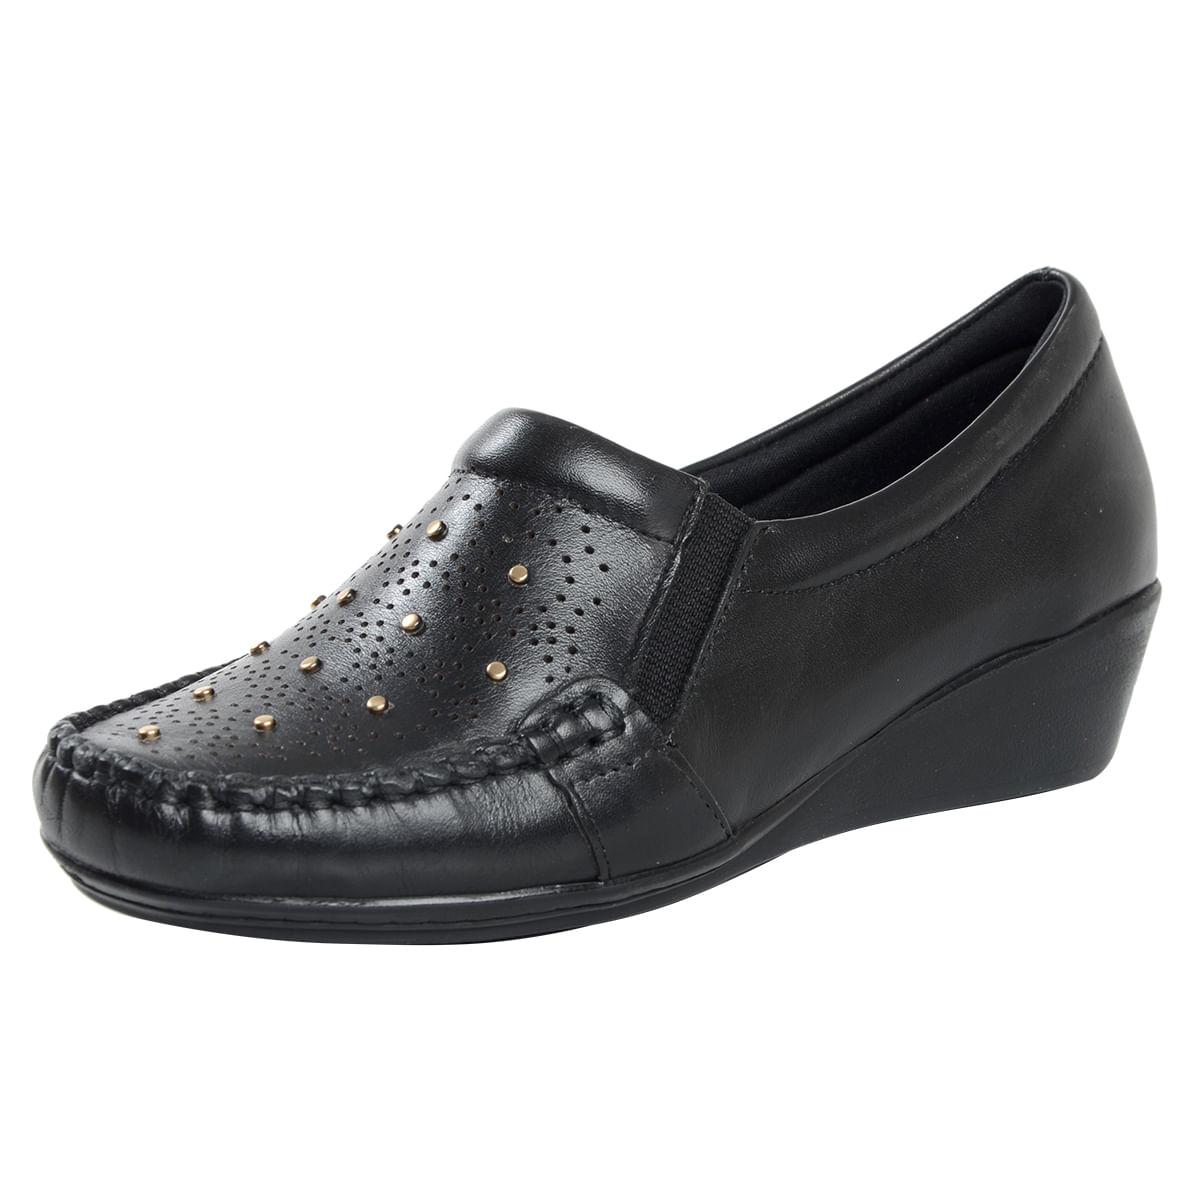 54be2535c2 Sapato Fechado Confort Anabela Preto - Laura Prado